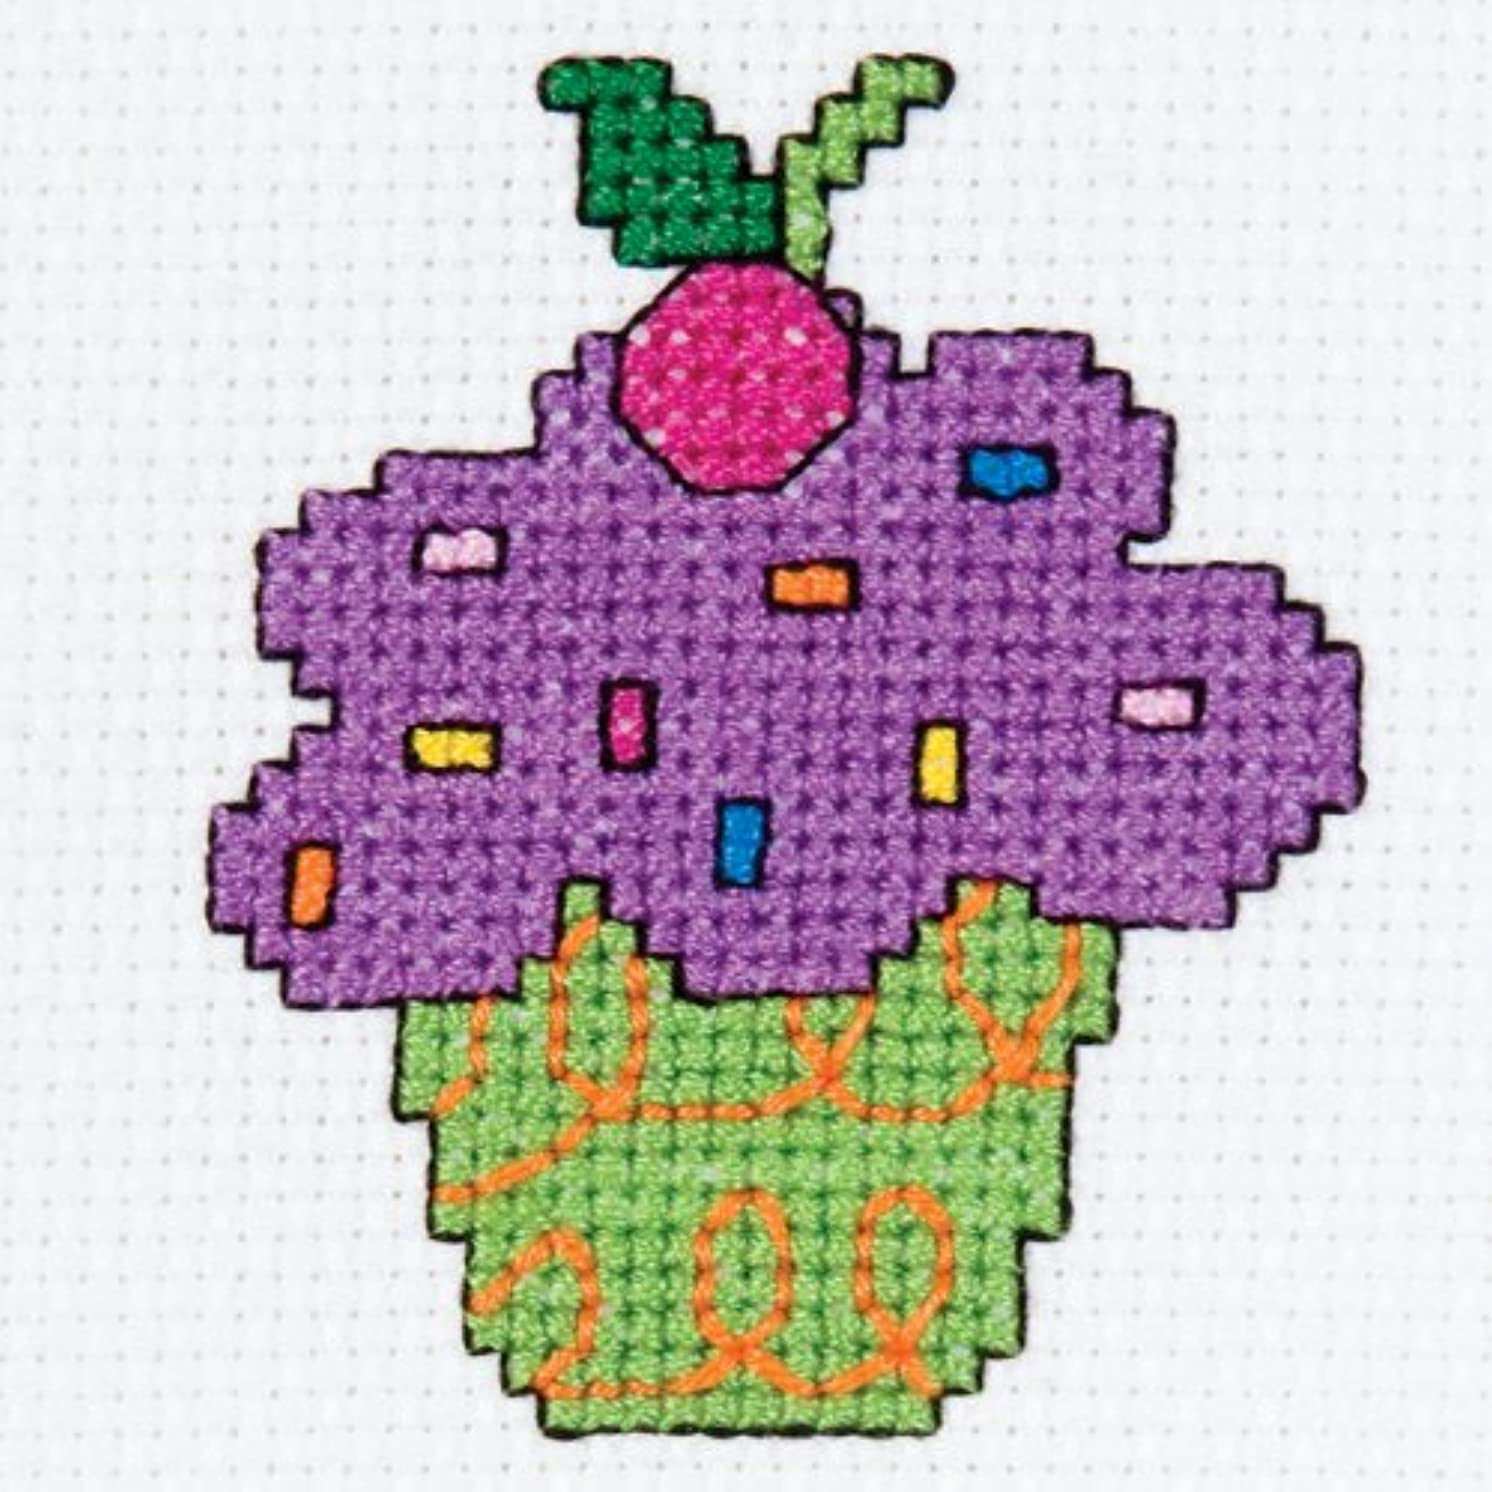 Bucilla My 1st Stitch Mini Counted Cross Stitch Kit, 45451 Cupcake